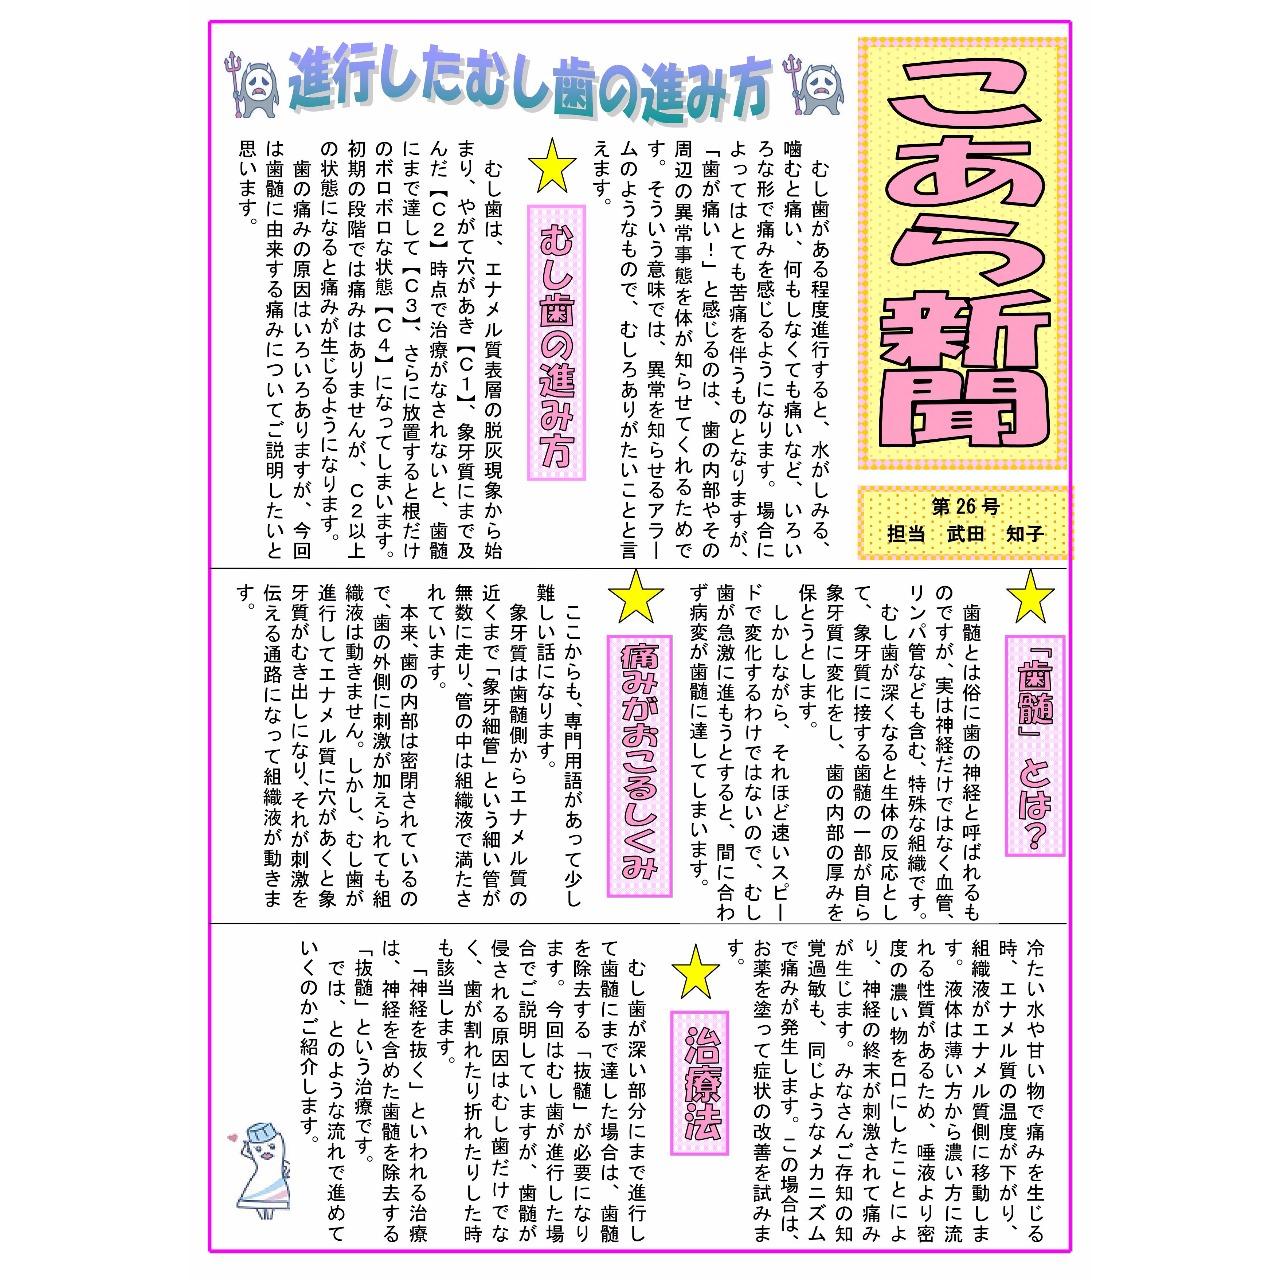 こあら新聞 第26号 担当 武田